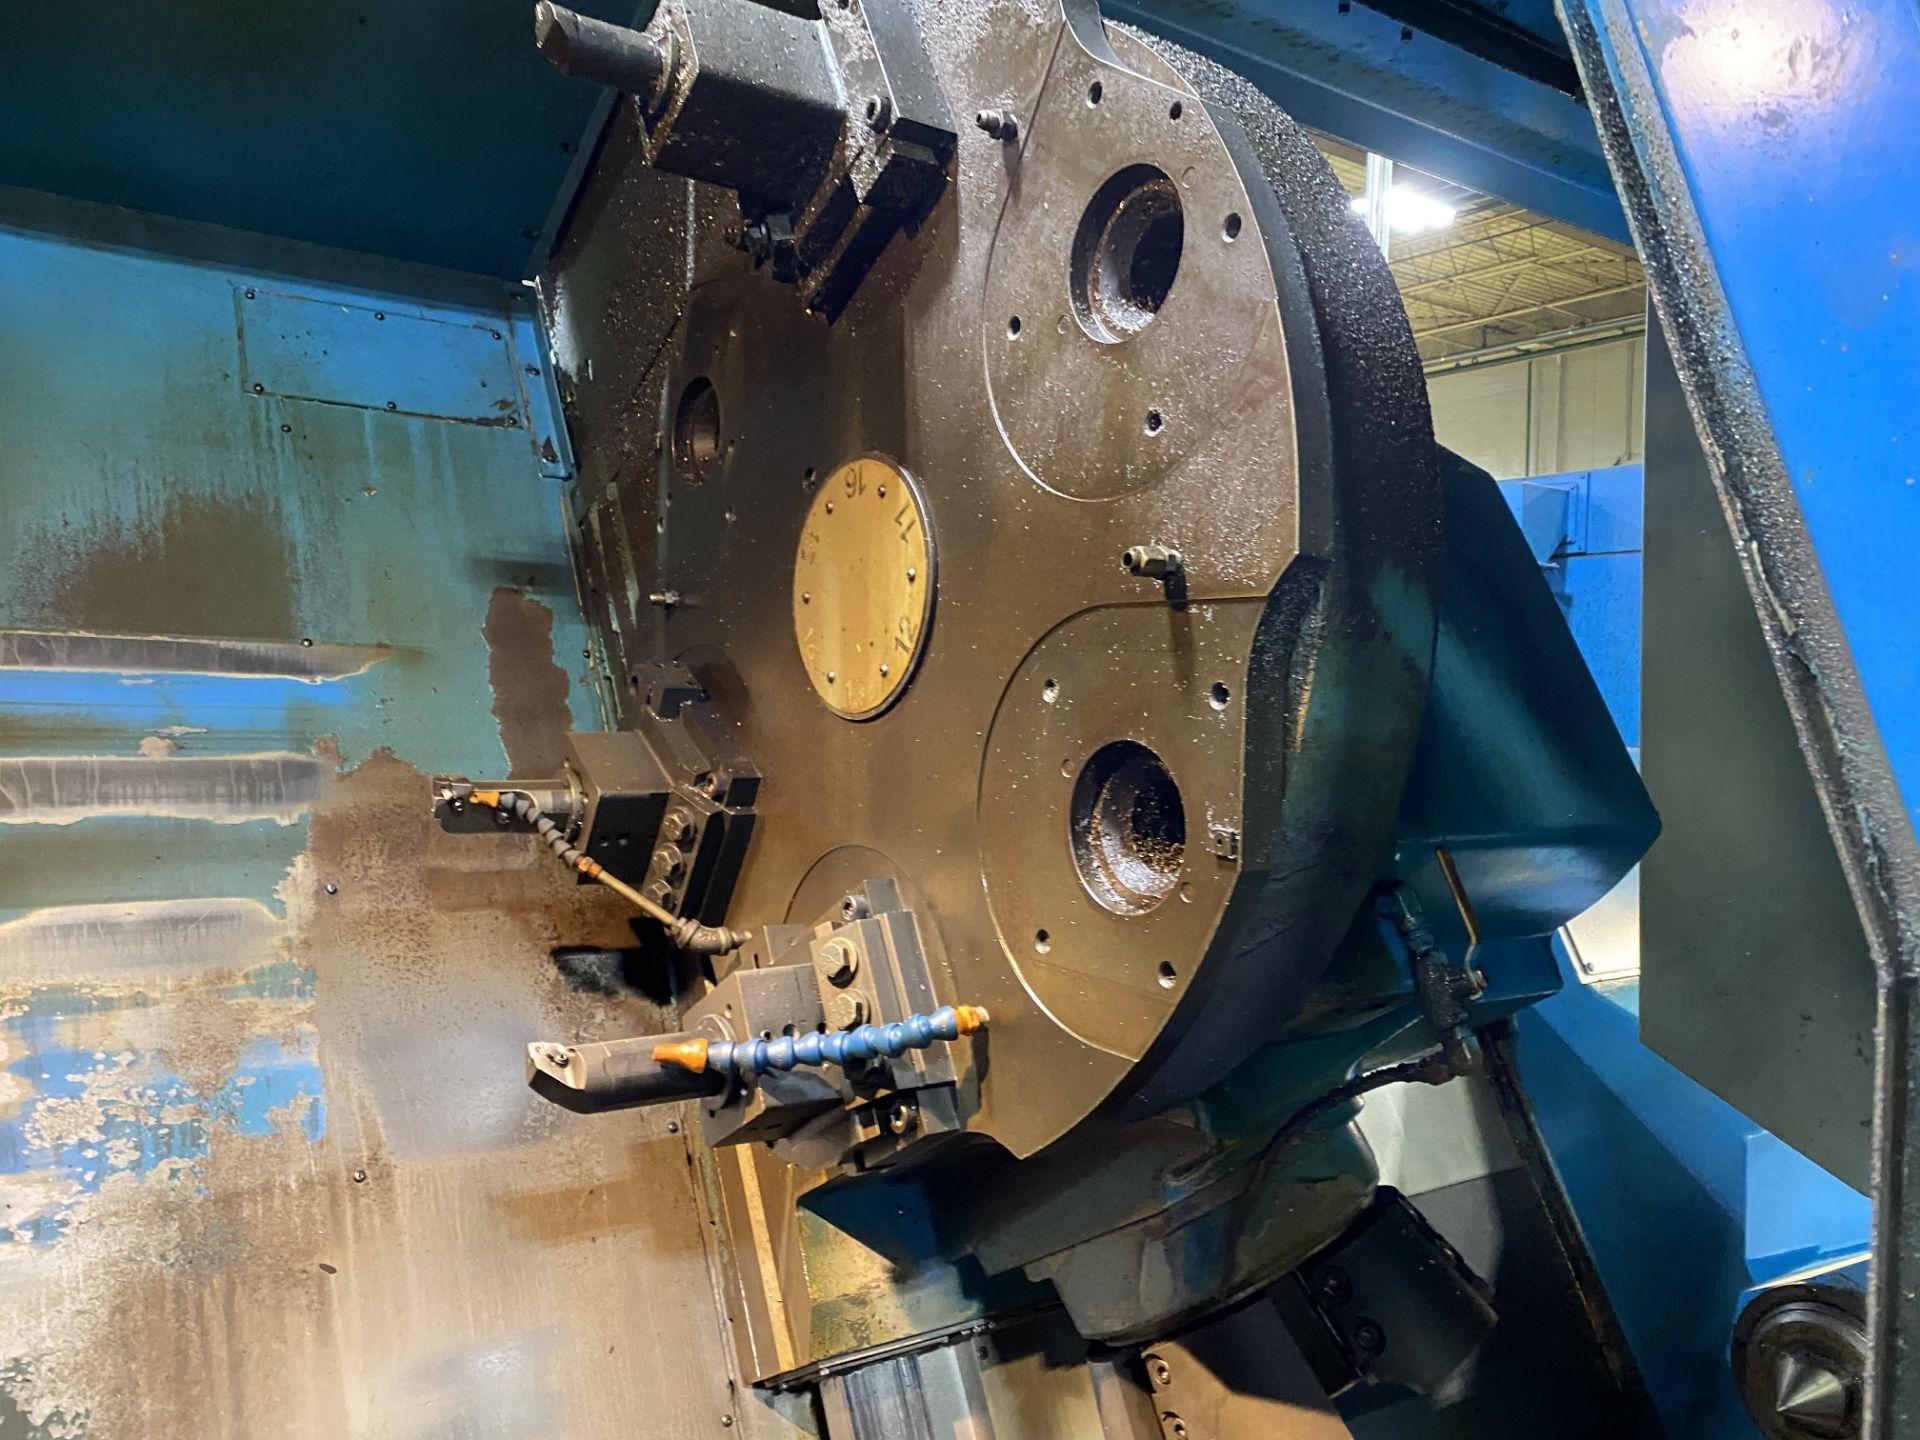 Cincinnati 24x60 Cinturn CNC Lathe - Image 4 of 8